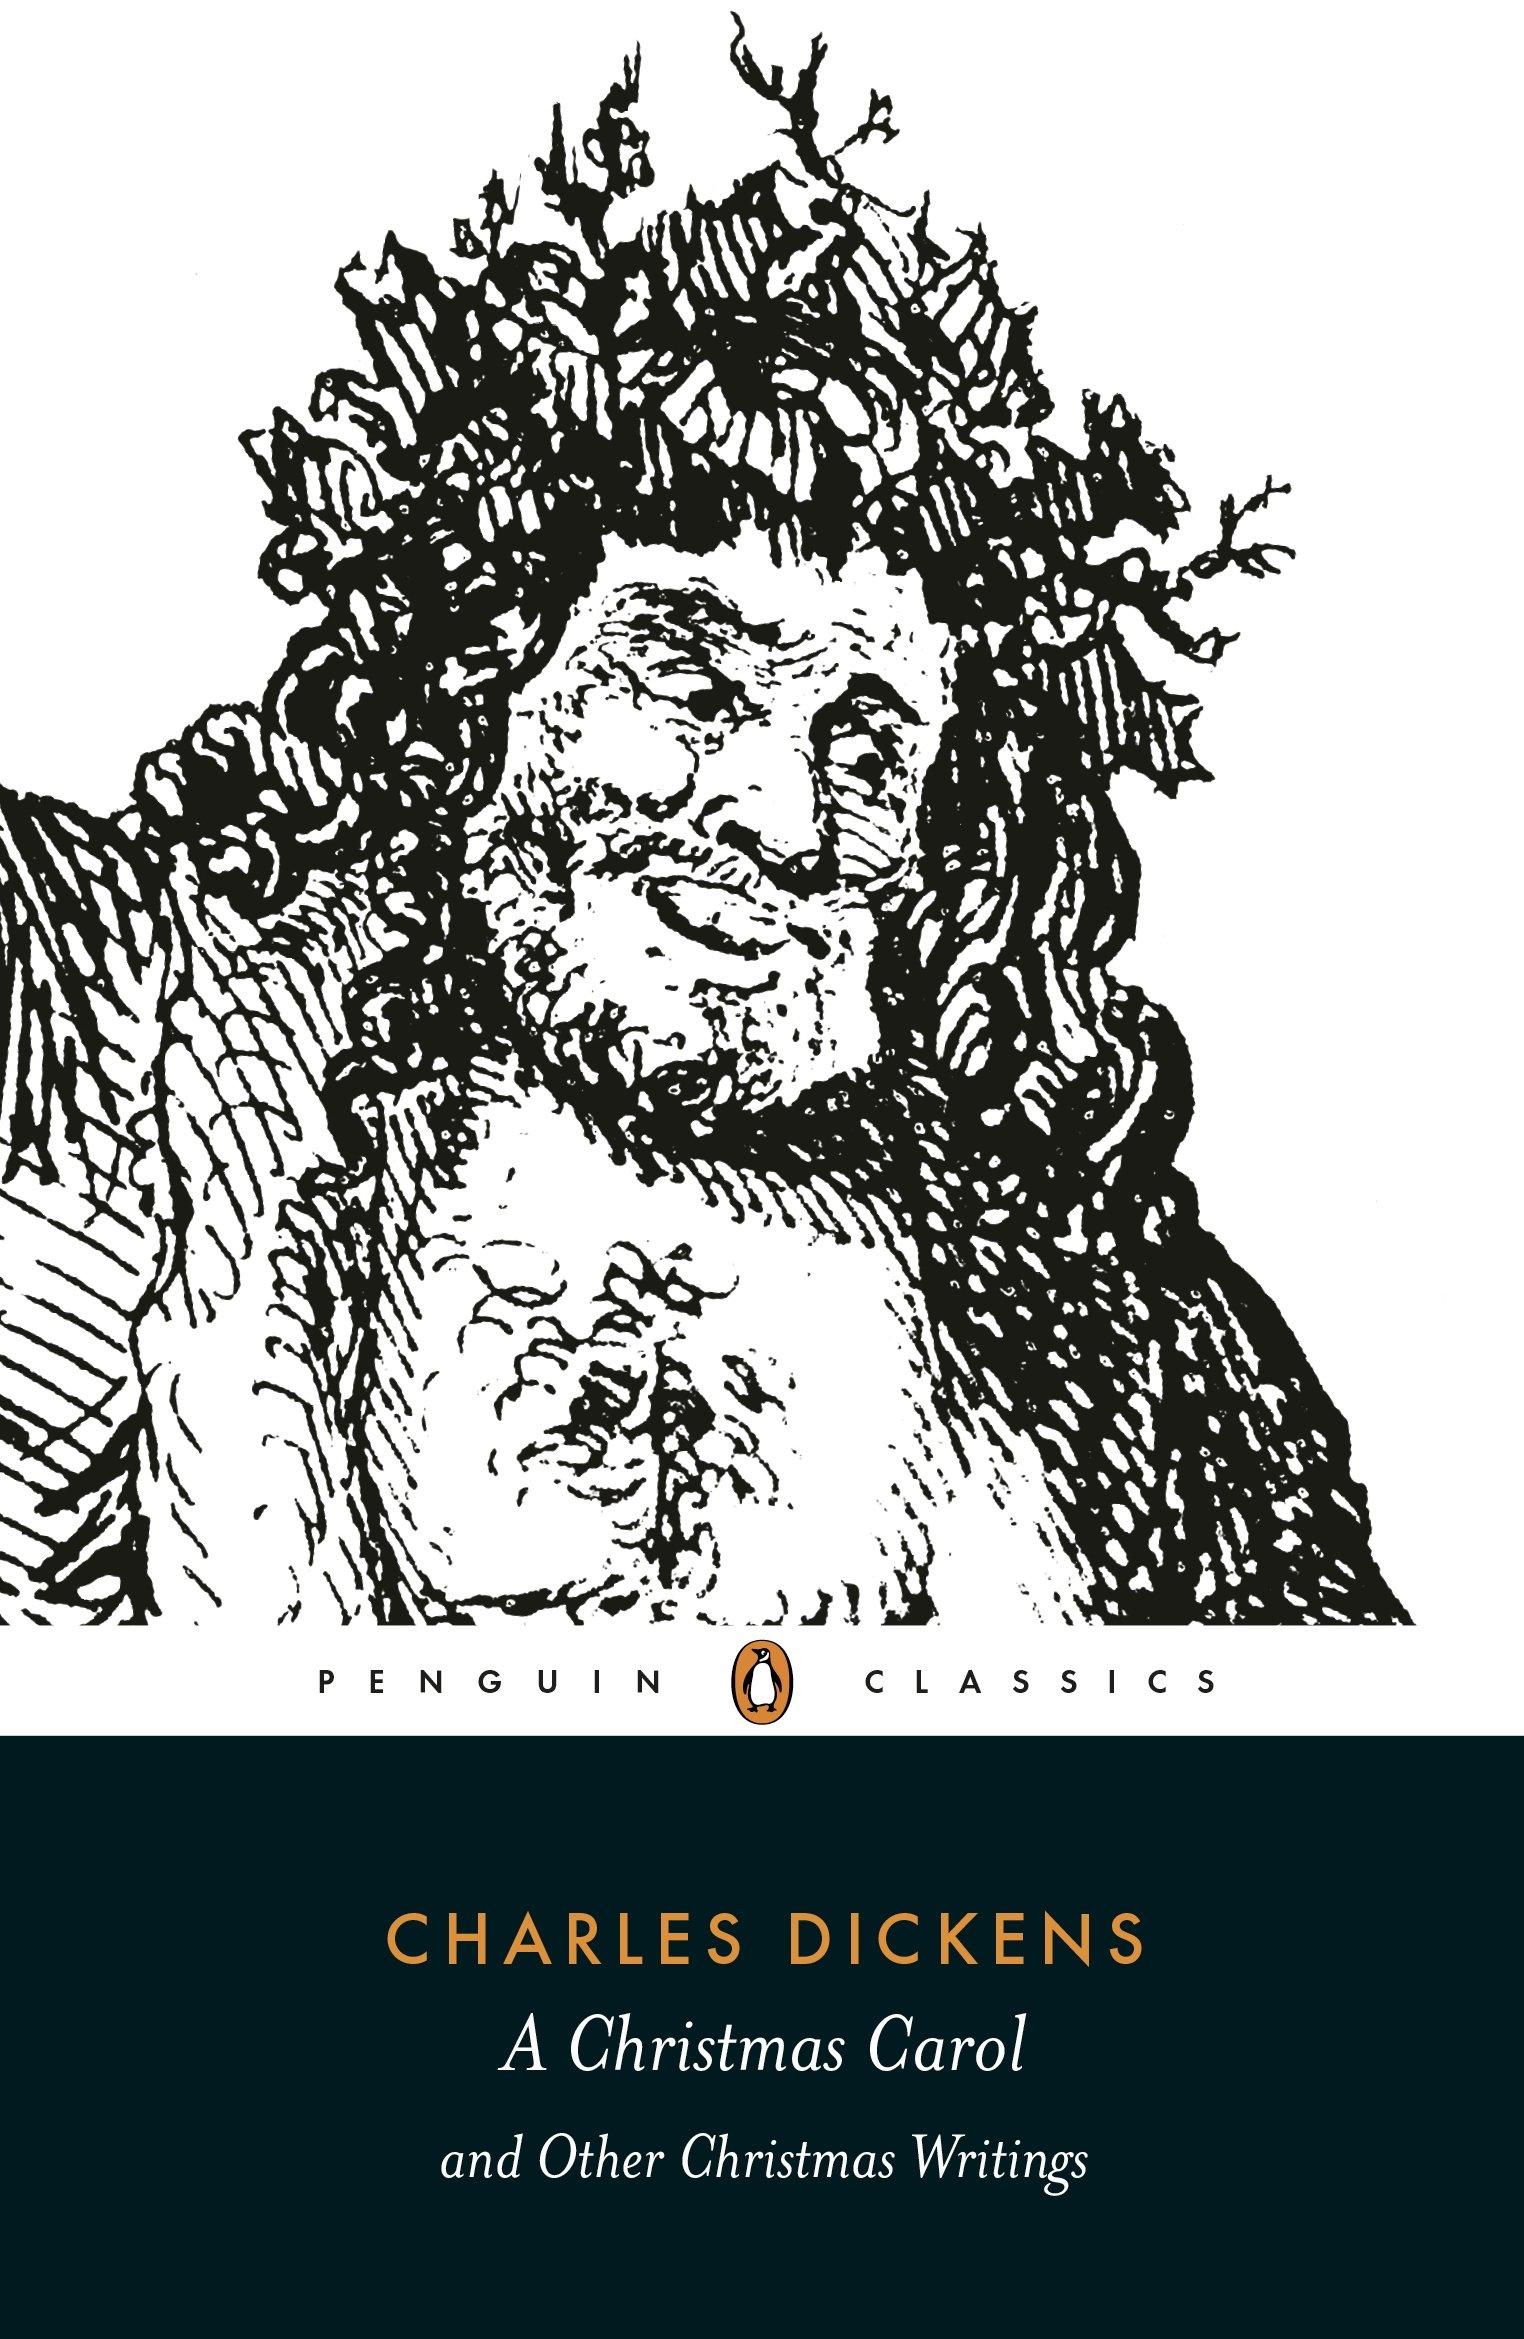 Amazon.com: A Christmas Carol and Other Christmas Writings ...